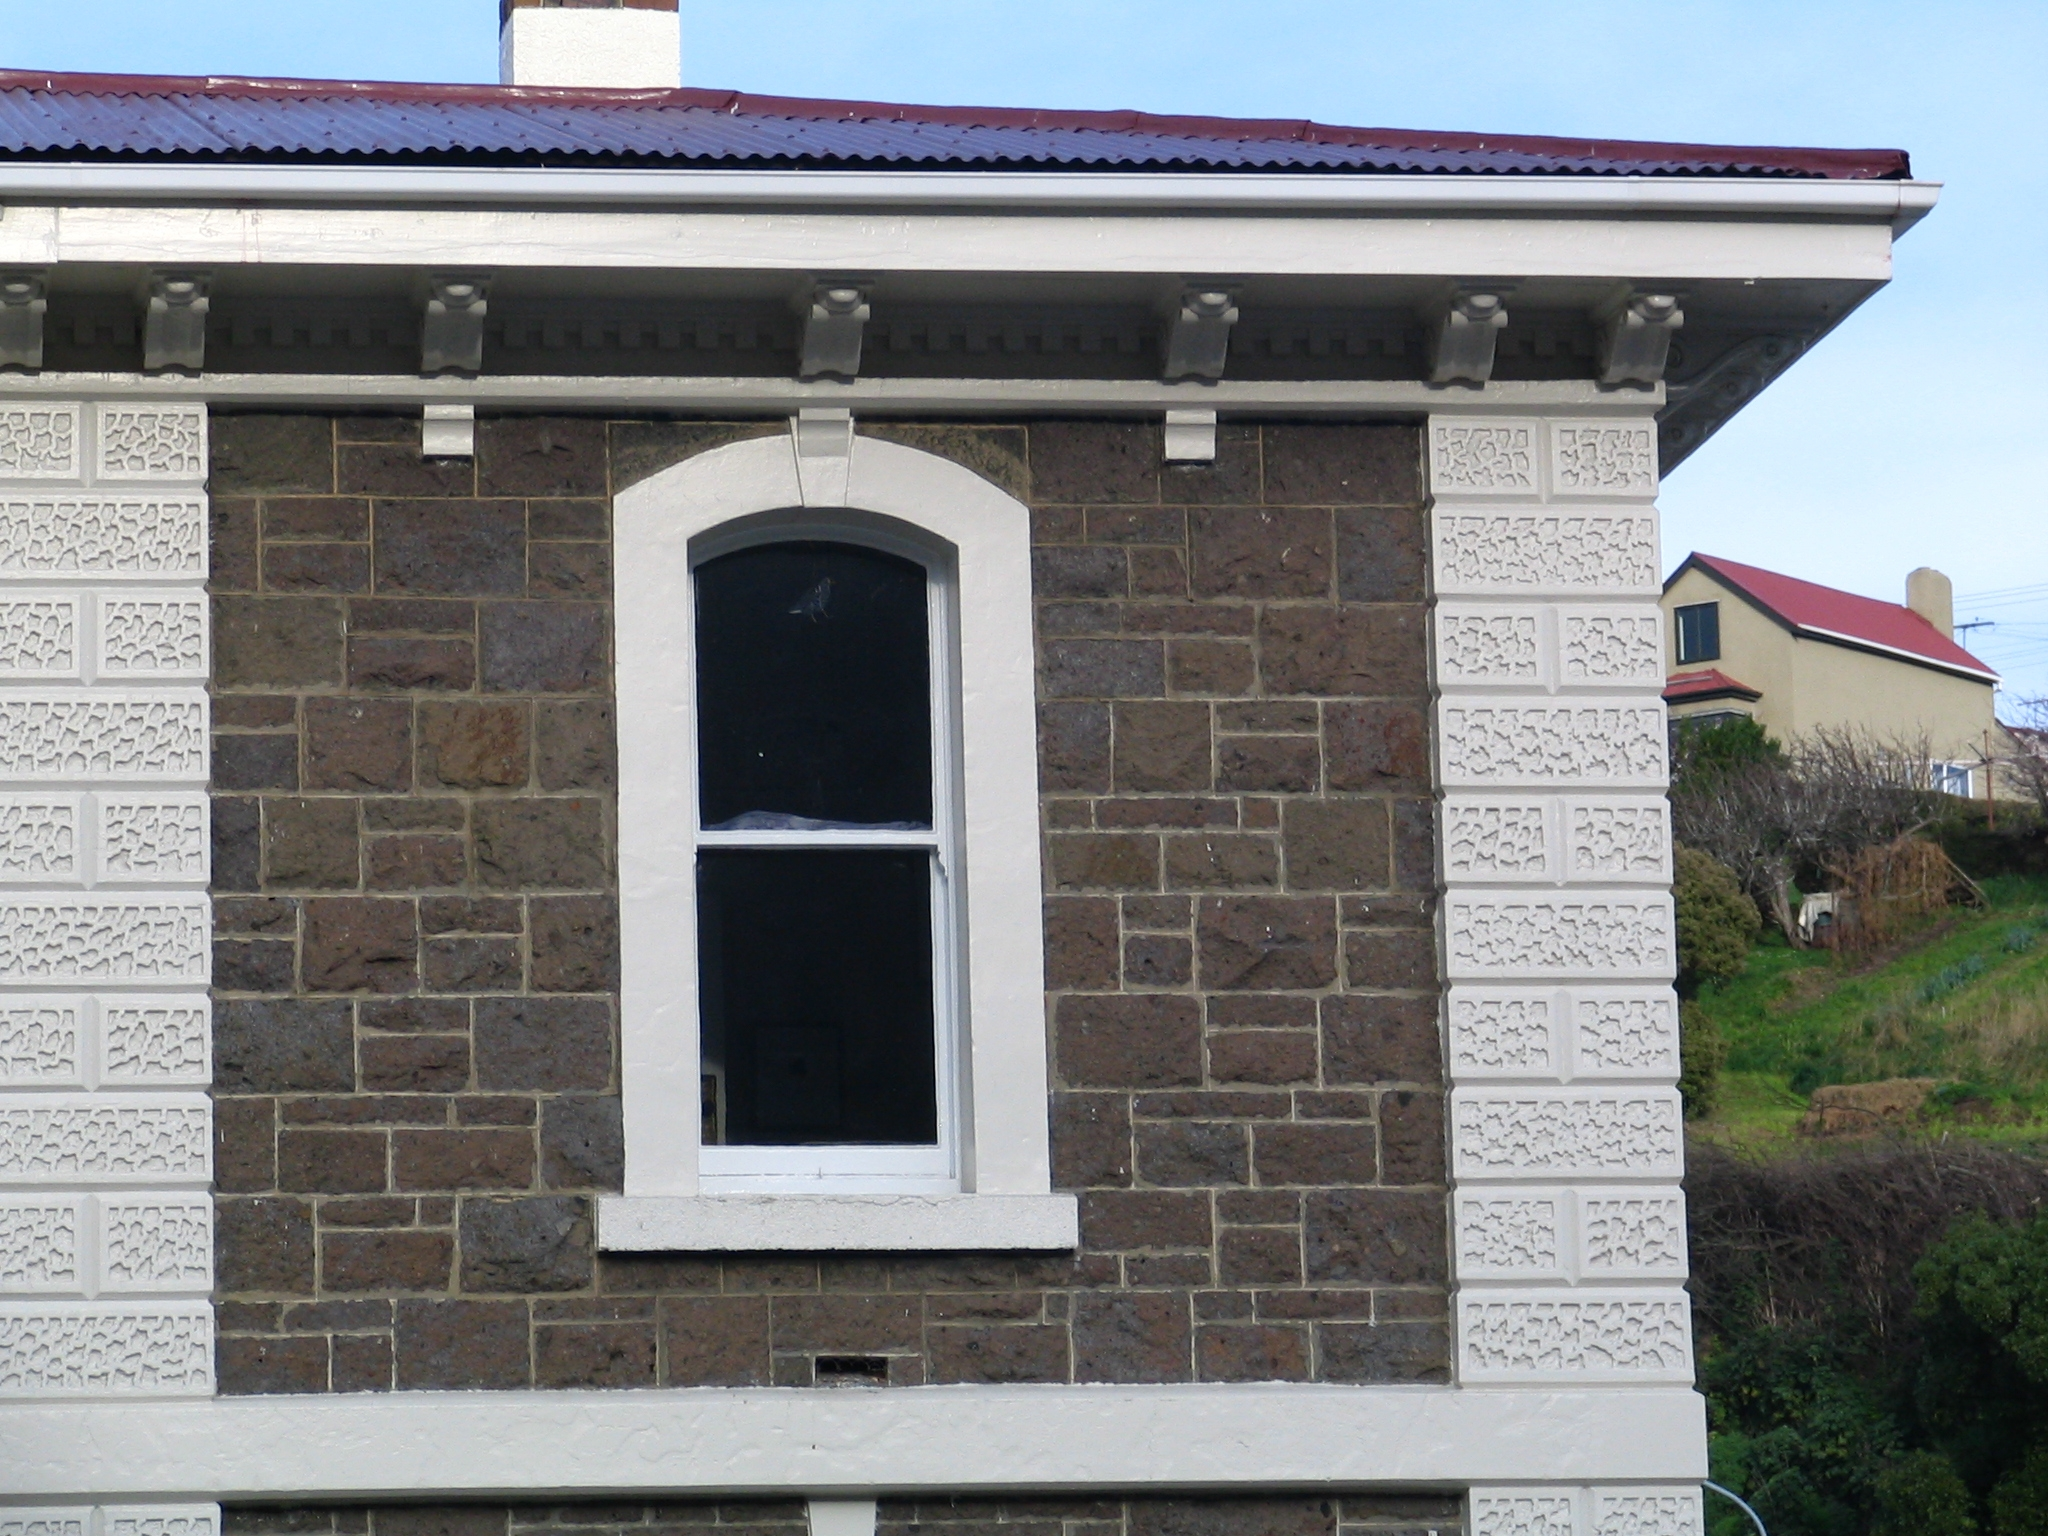 fabricant de fenêtres